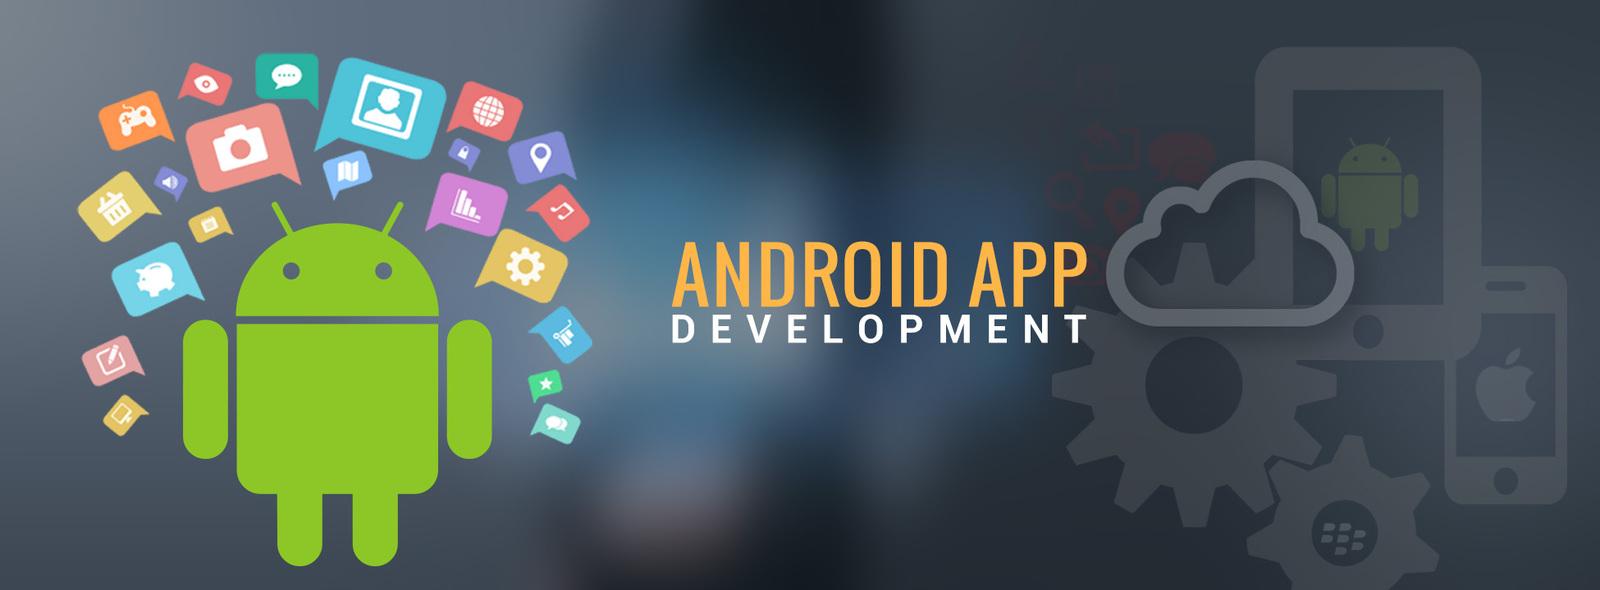 Как достигнуть вершины успеха - разработка приложений для Android / IOS в США